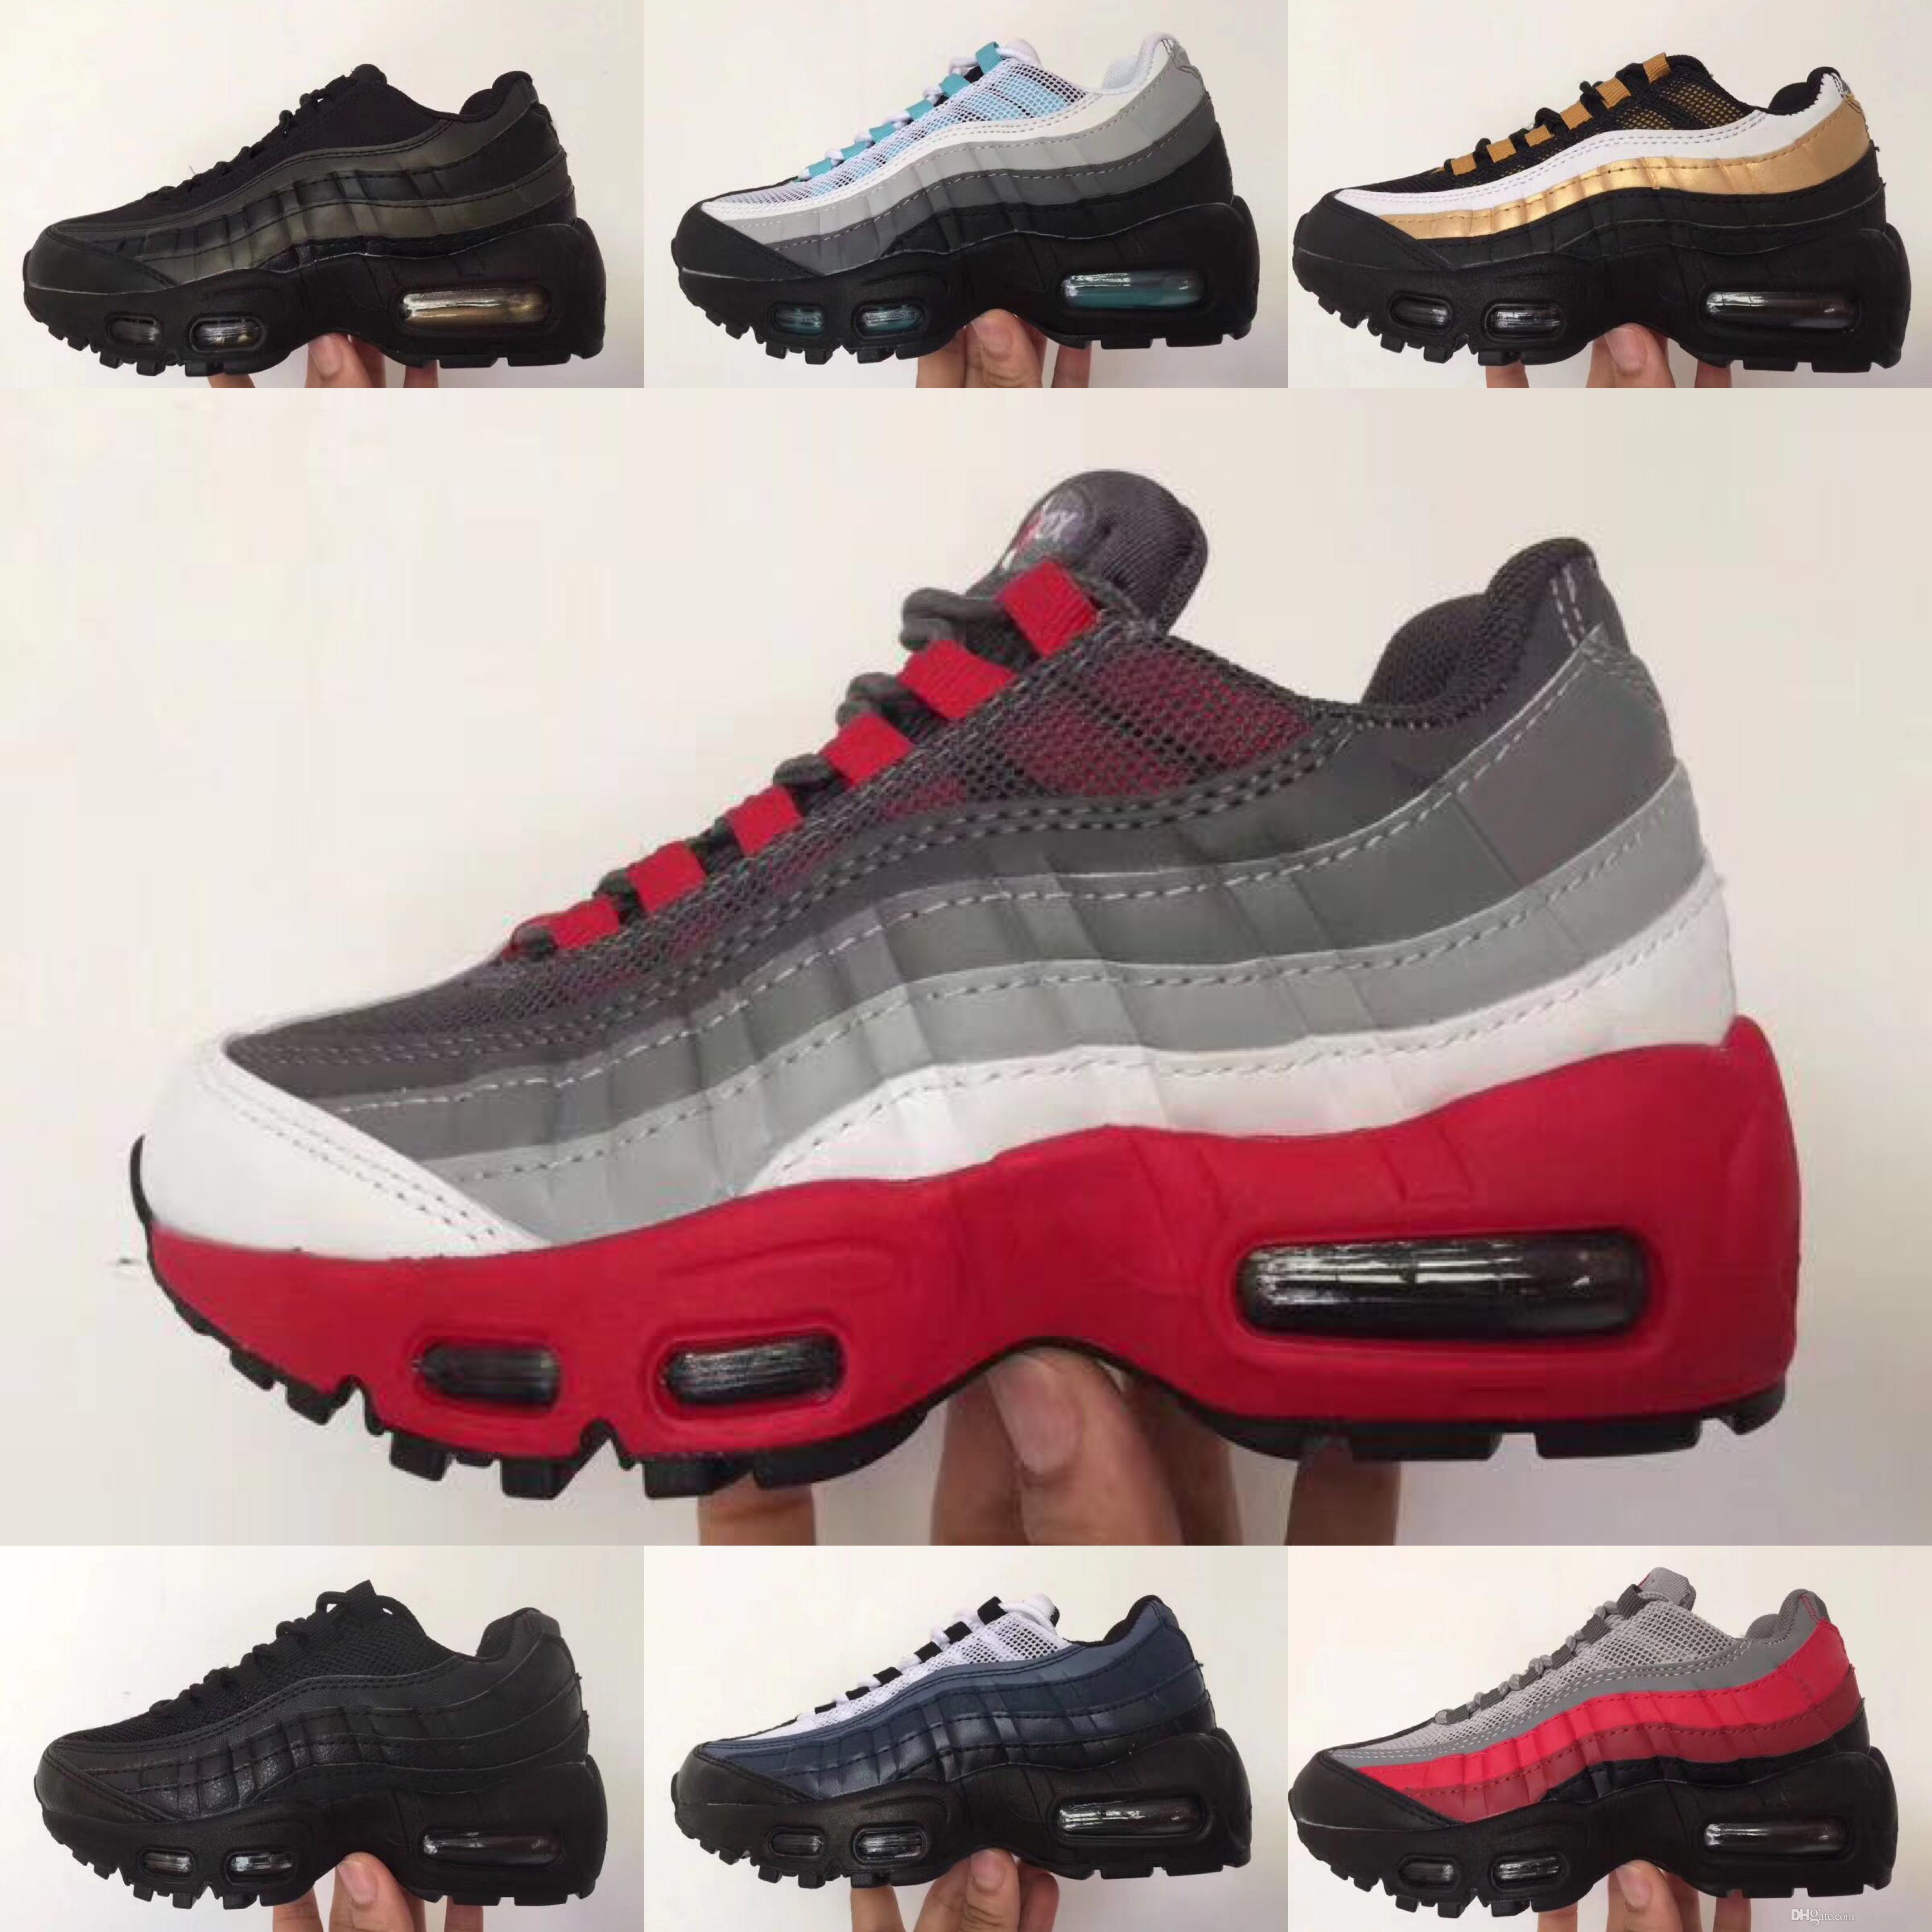 Nike Air Max 95 2019 chaussures de sport pour enfants de haute qualité pour enfants, chaussures de basket ball pour enfants, garçons, légendes du